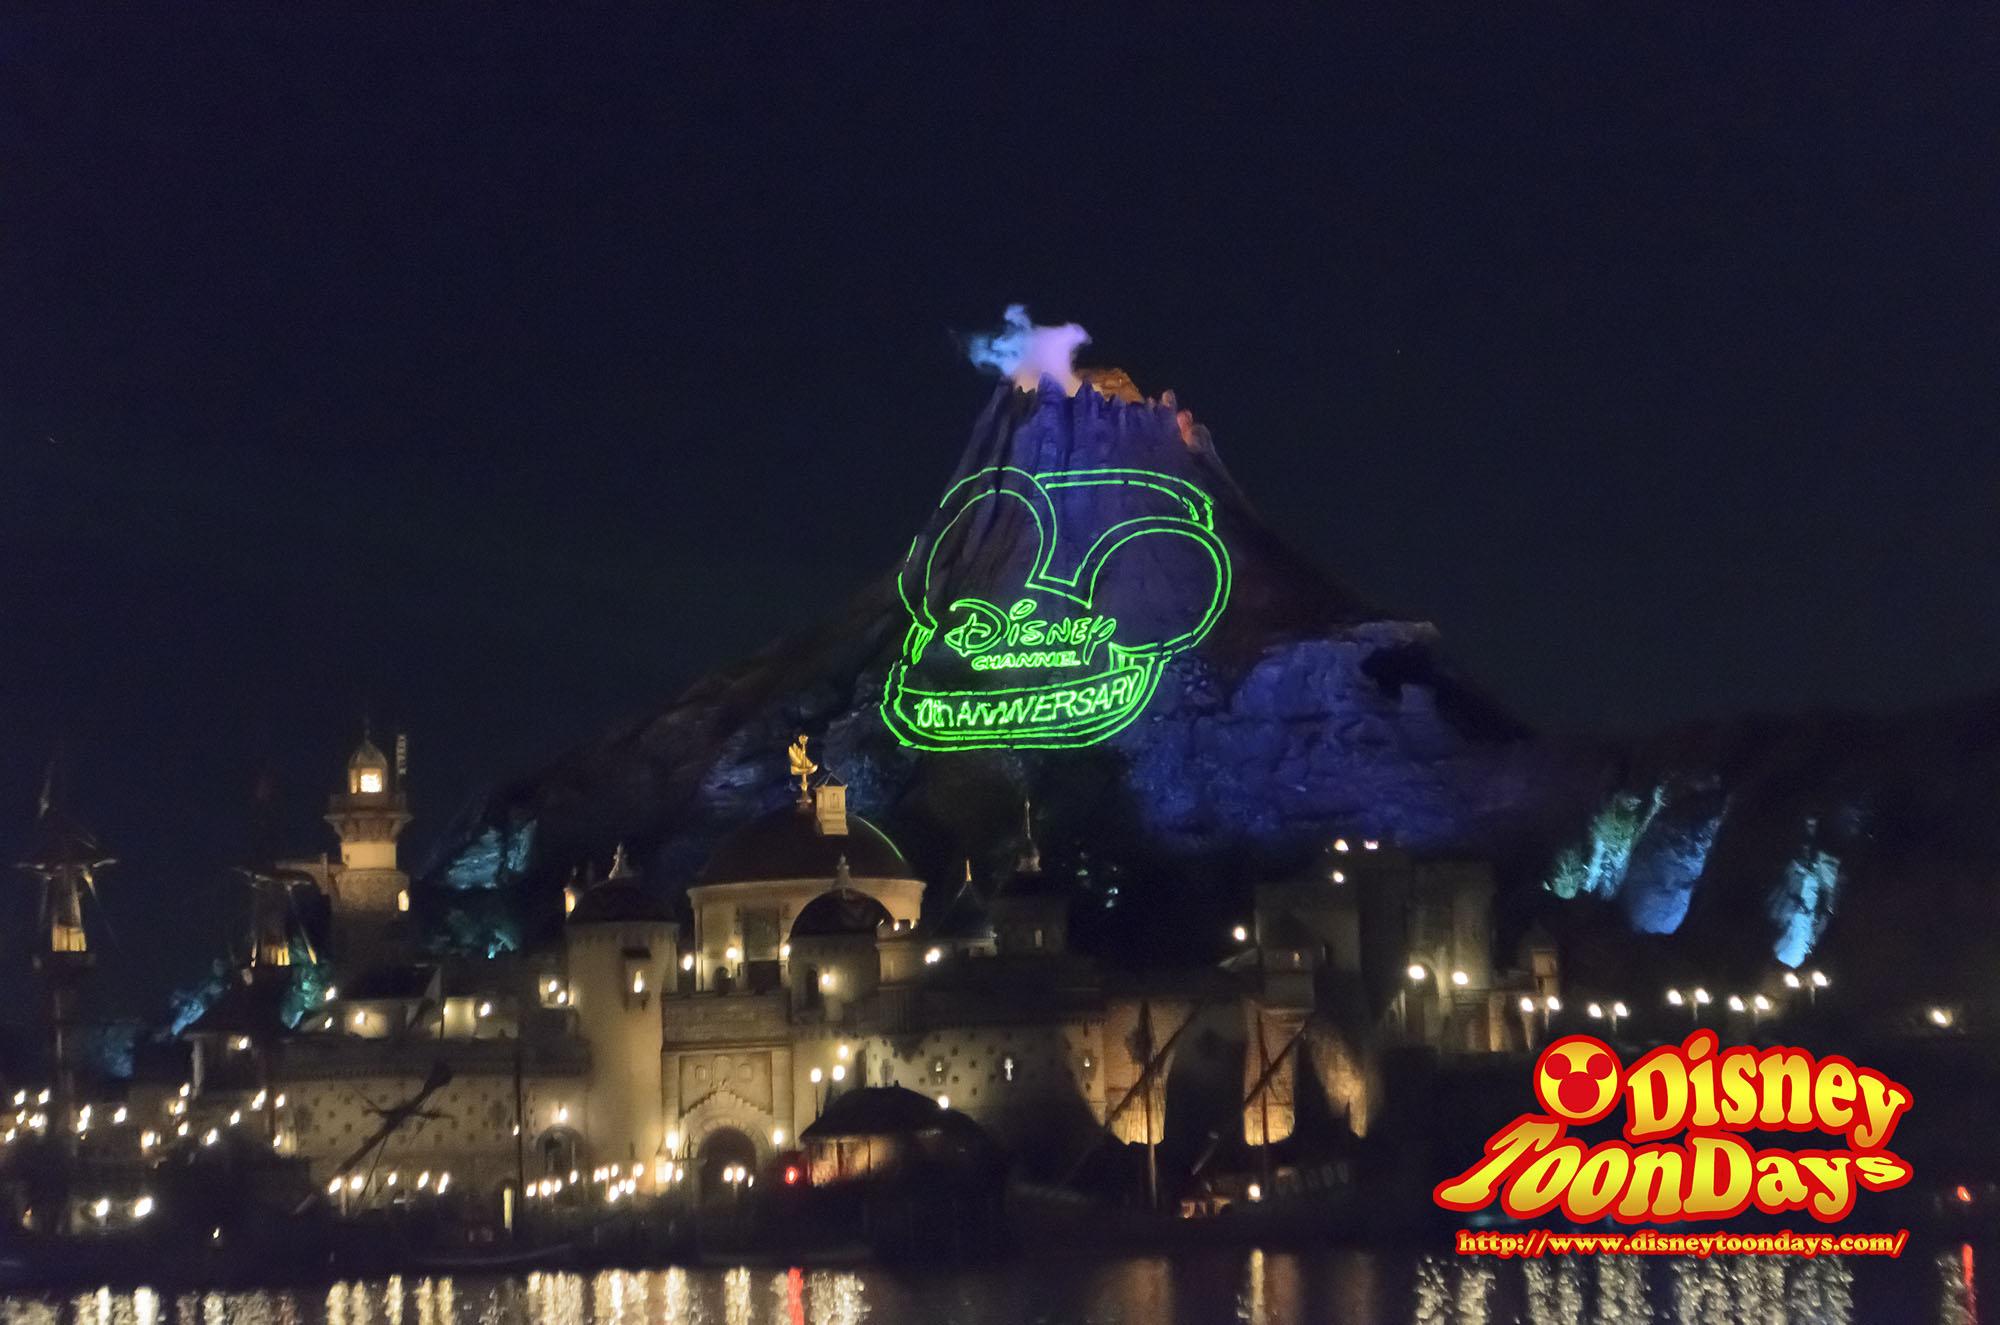 TDS ディズニーチャンネル プライベートイブニングパーティー 風景